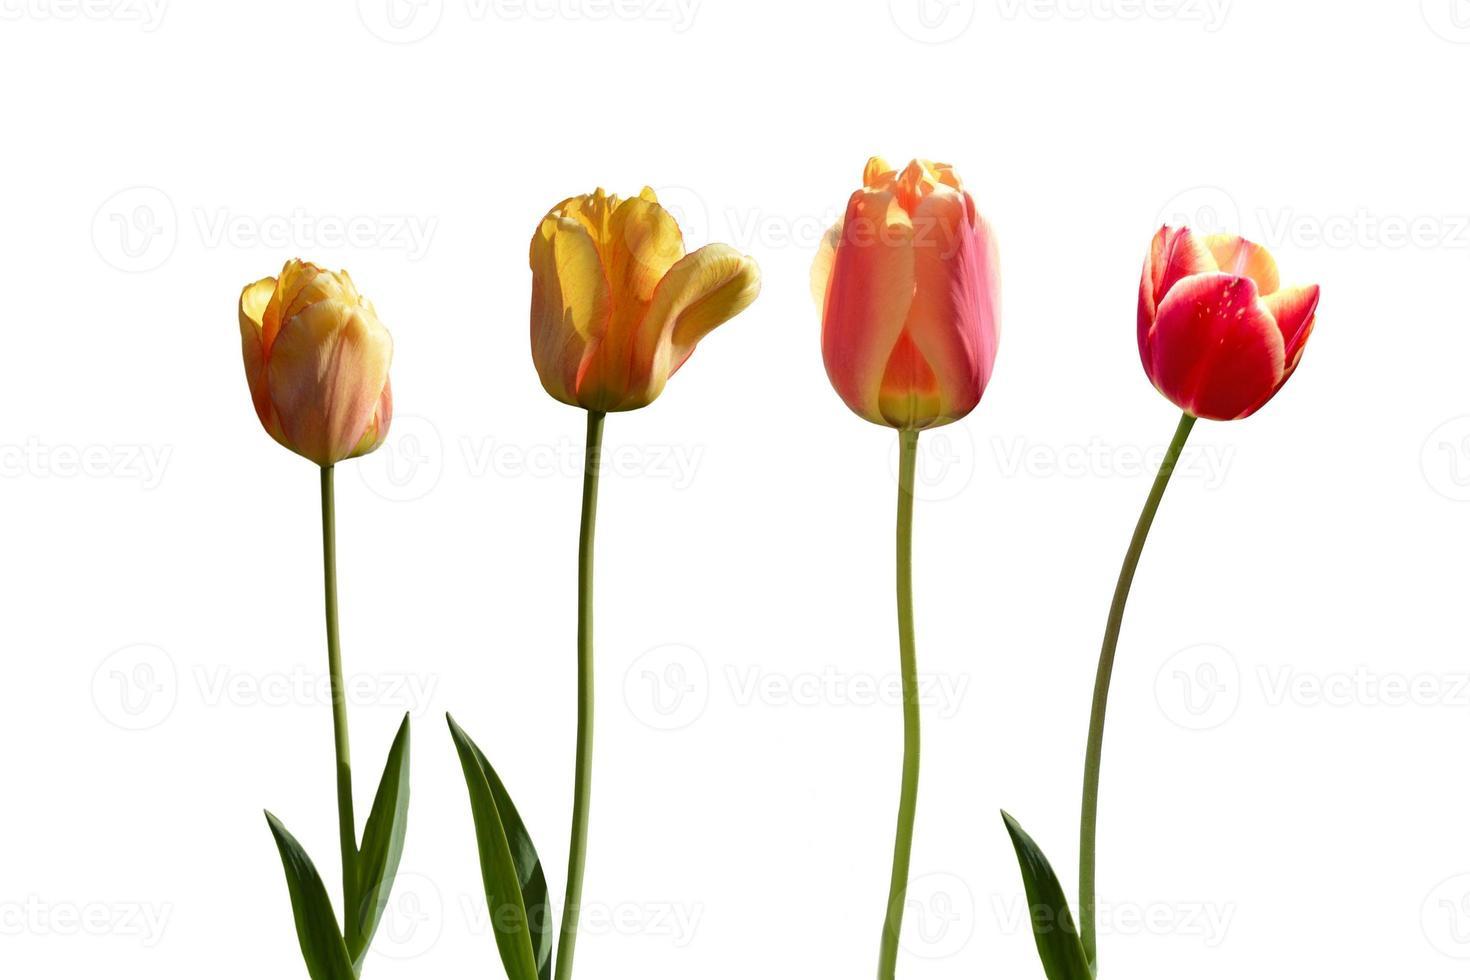 quattro tulipani rossi e gialli foto